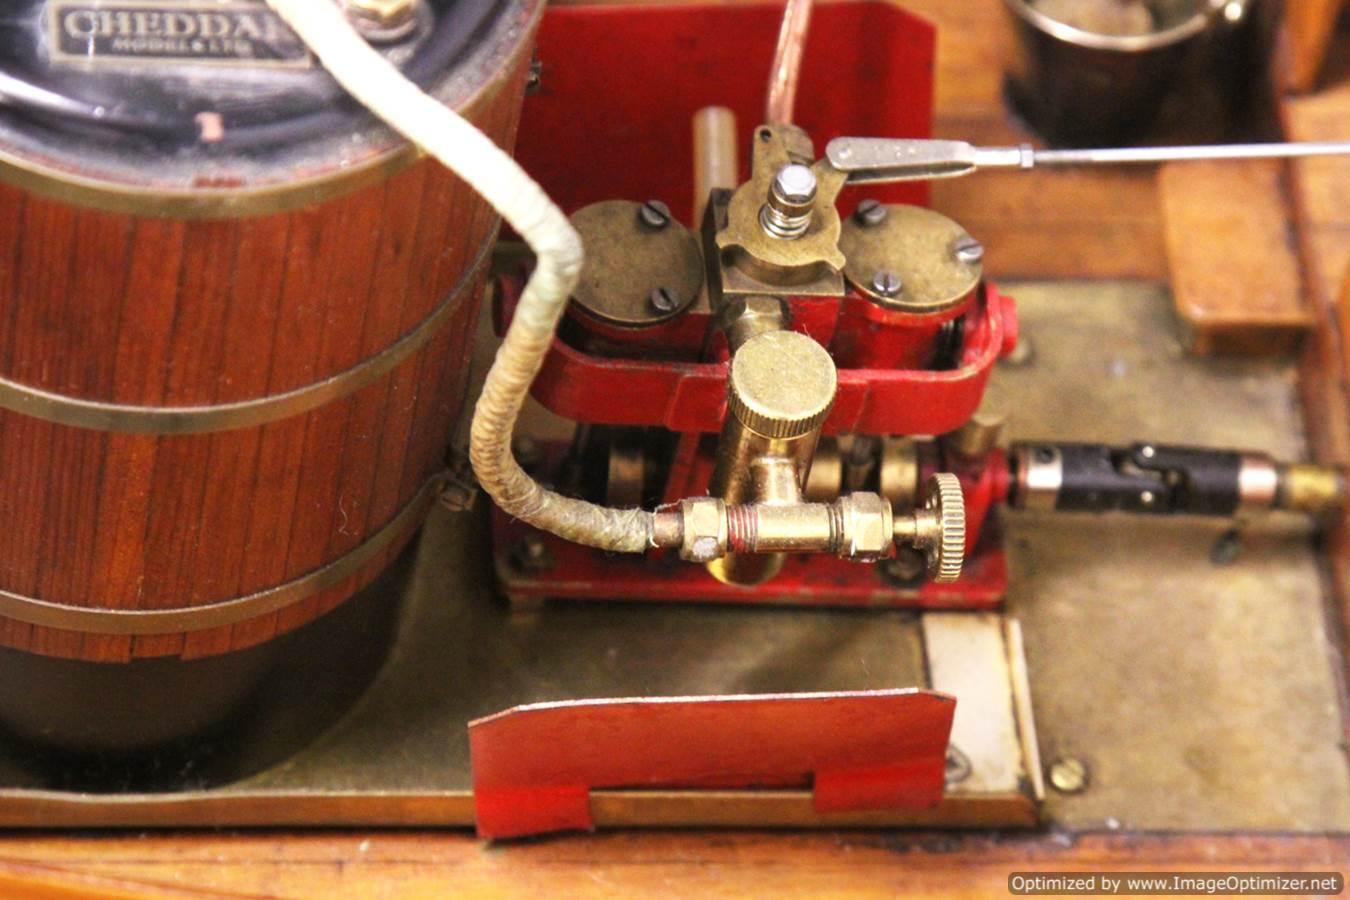 test bockrum-cheddar-steam-boat-live-steam-model-for-sale-24-optimized